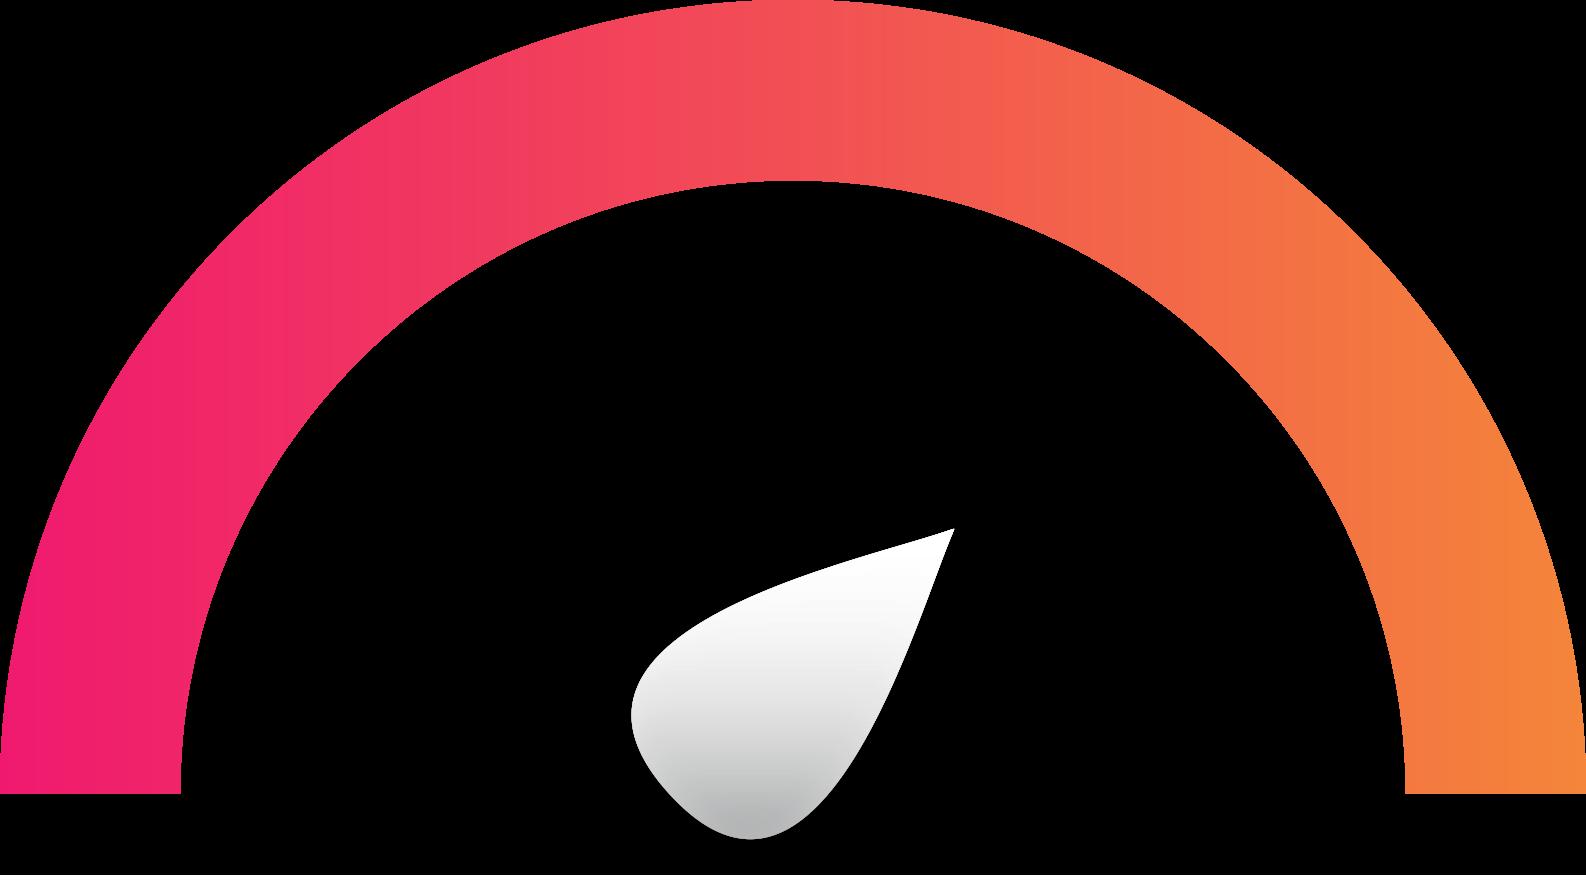 Stiliserad mätare som går från rosa till orange